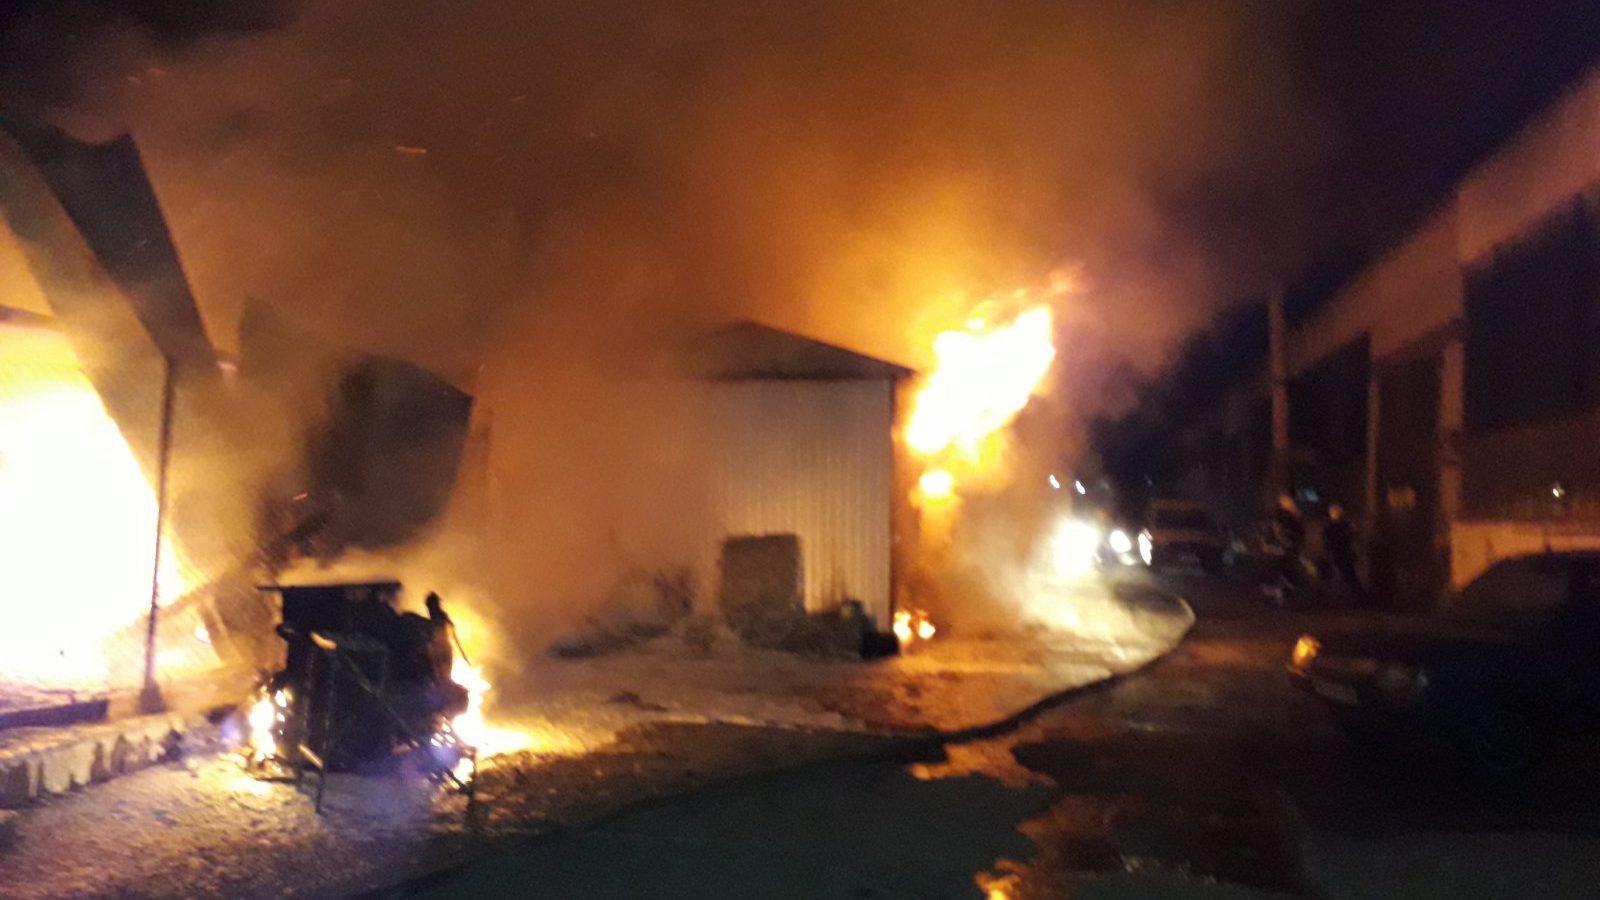 В Запоріжжі з невідомих причин загорілася баня в приватному будинку, — ФОТО